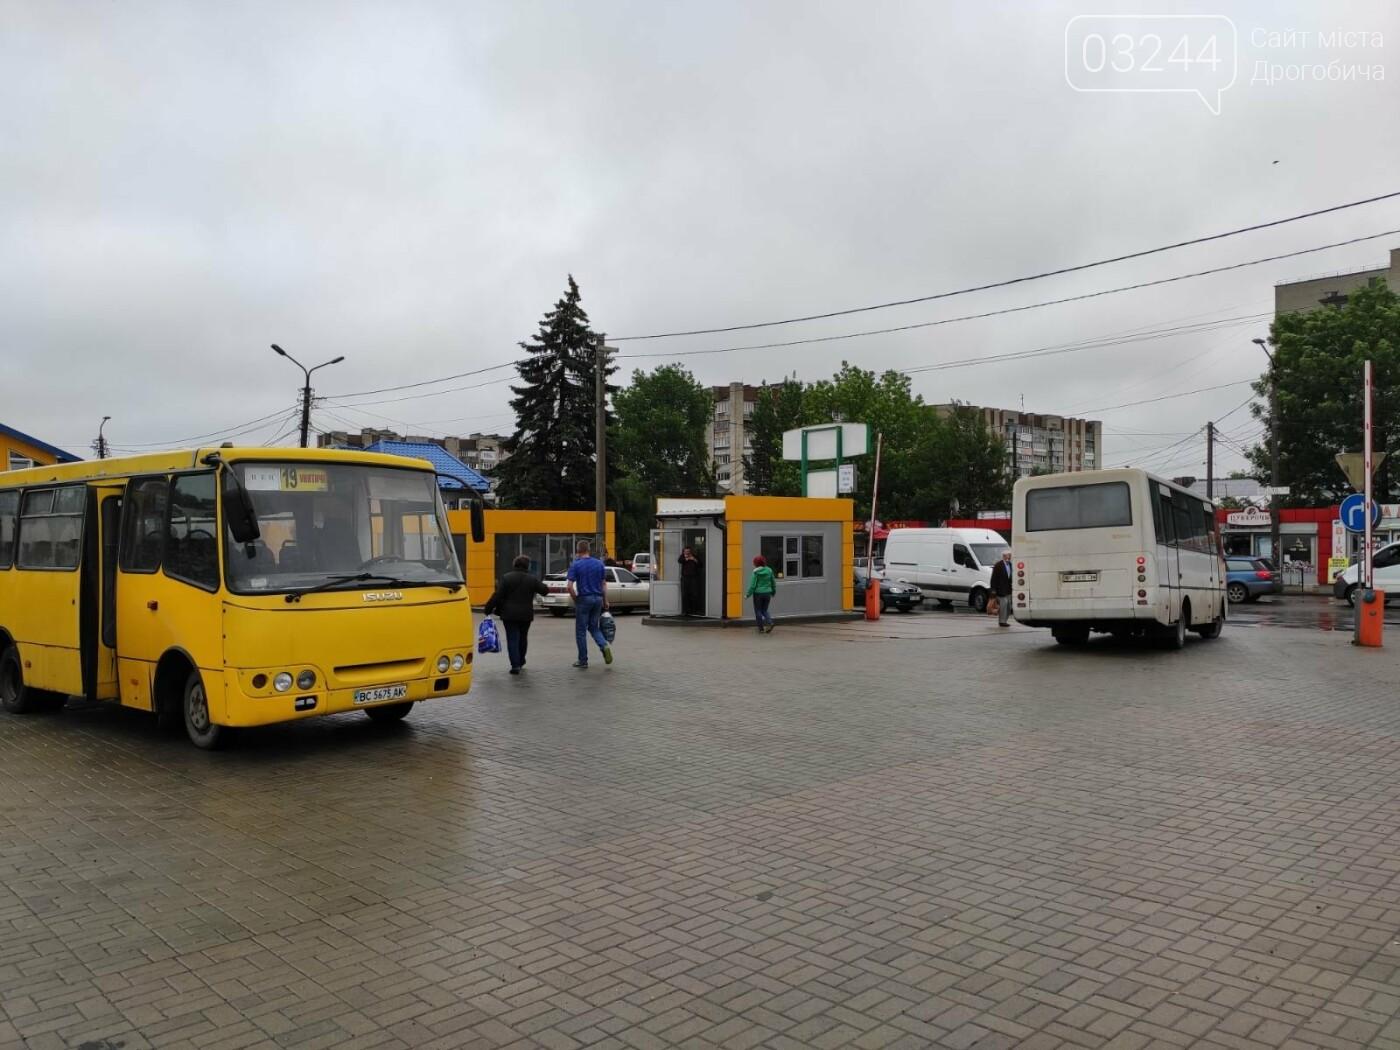 Офіційно - роботу громадського транспорту у Дрогобичі відновлено та запрацює автостанція, фото-1